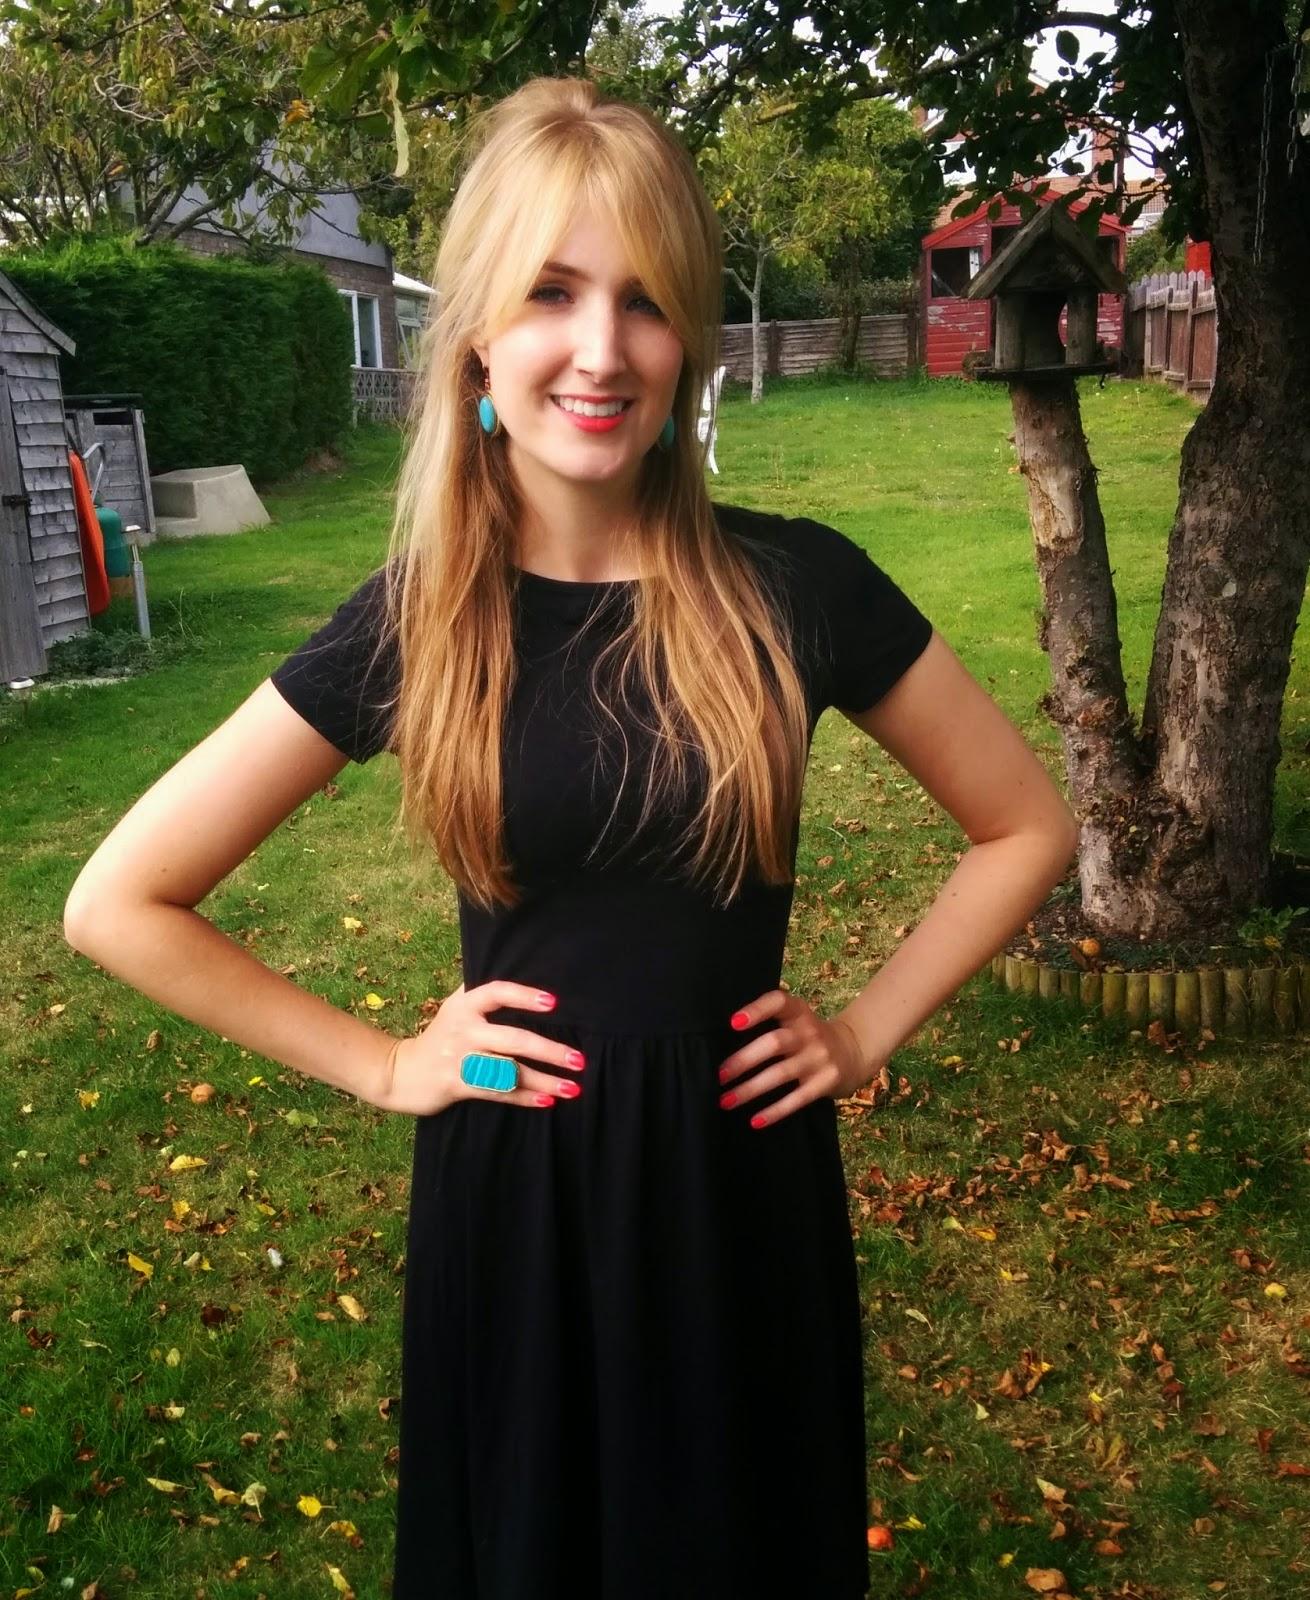 Outfit Post: Rosey skirt for summery days | Lauren Loves Blog